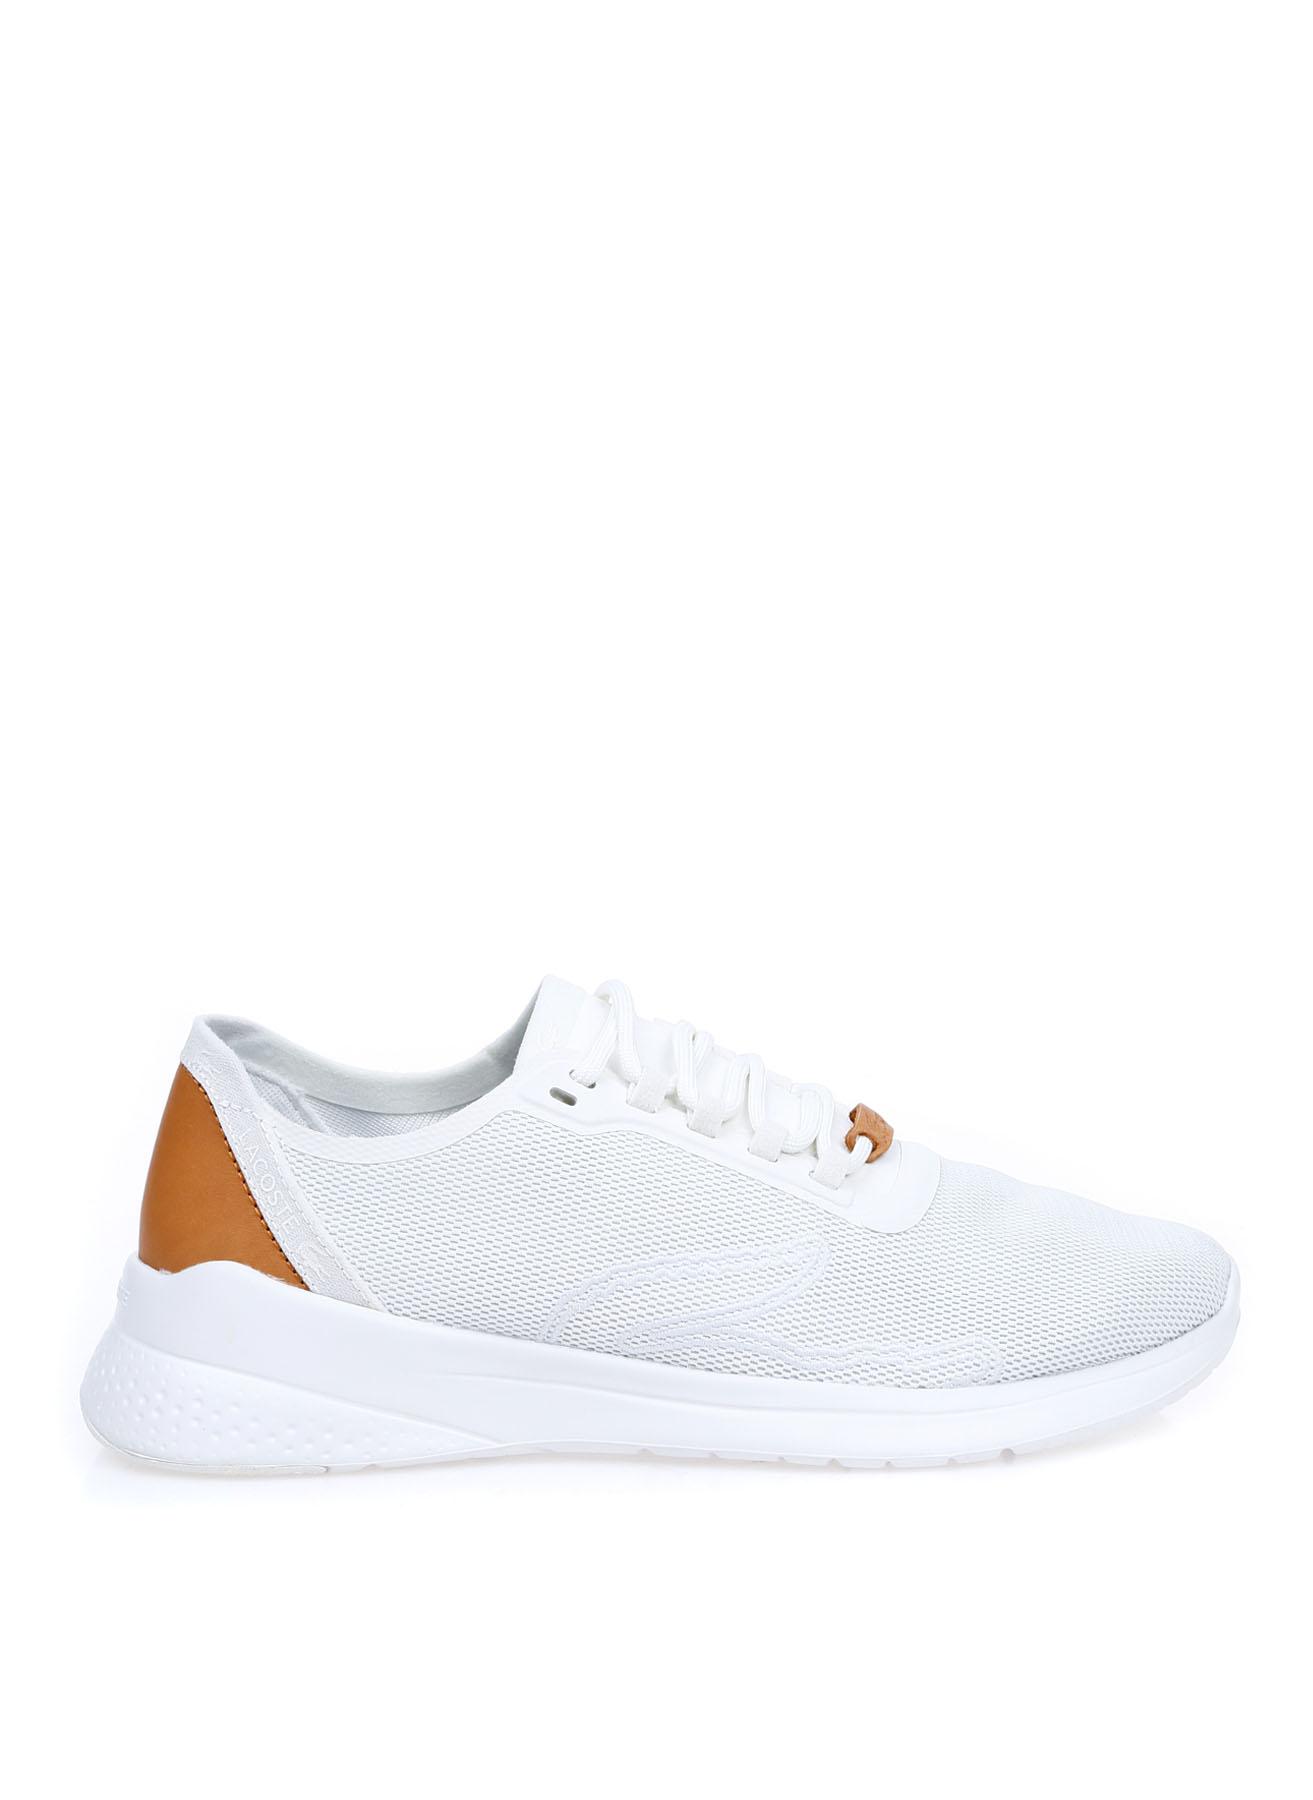 Lacoste Kadın Kanvas Beyaz Lifestyle Ayakkabı 39 5002312523004 Ürün Resmi